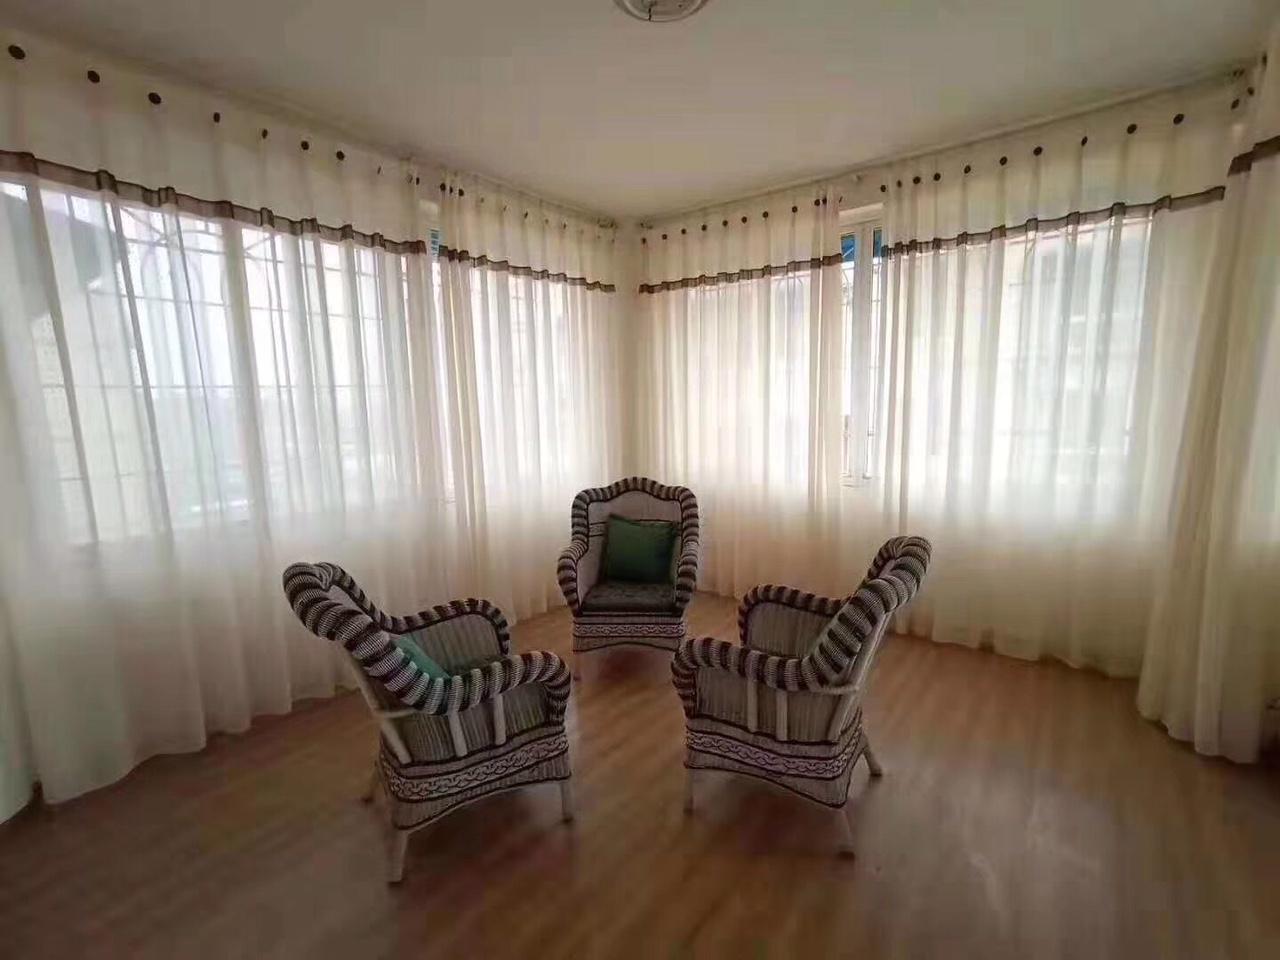 锦宏苑4室 2厅 2卫42.8万元